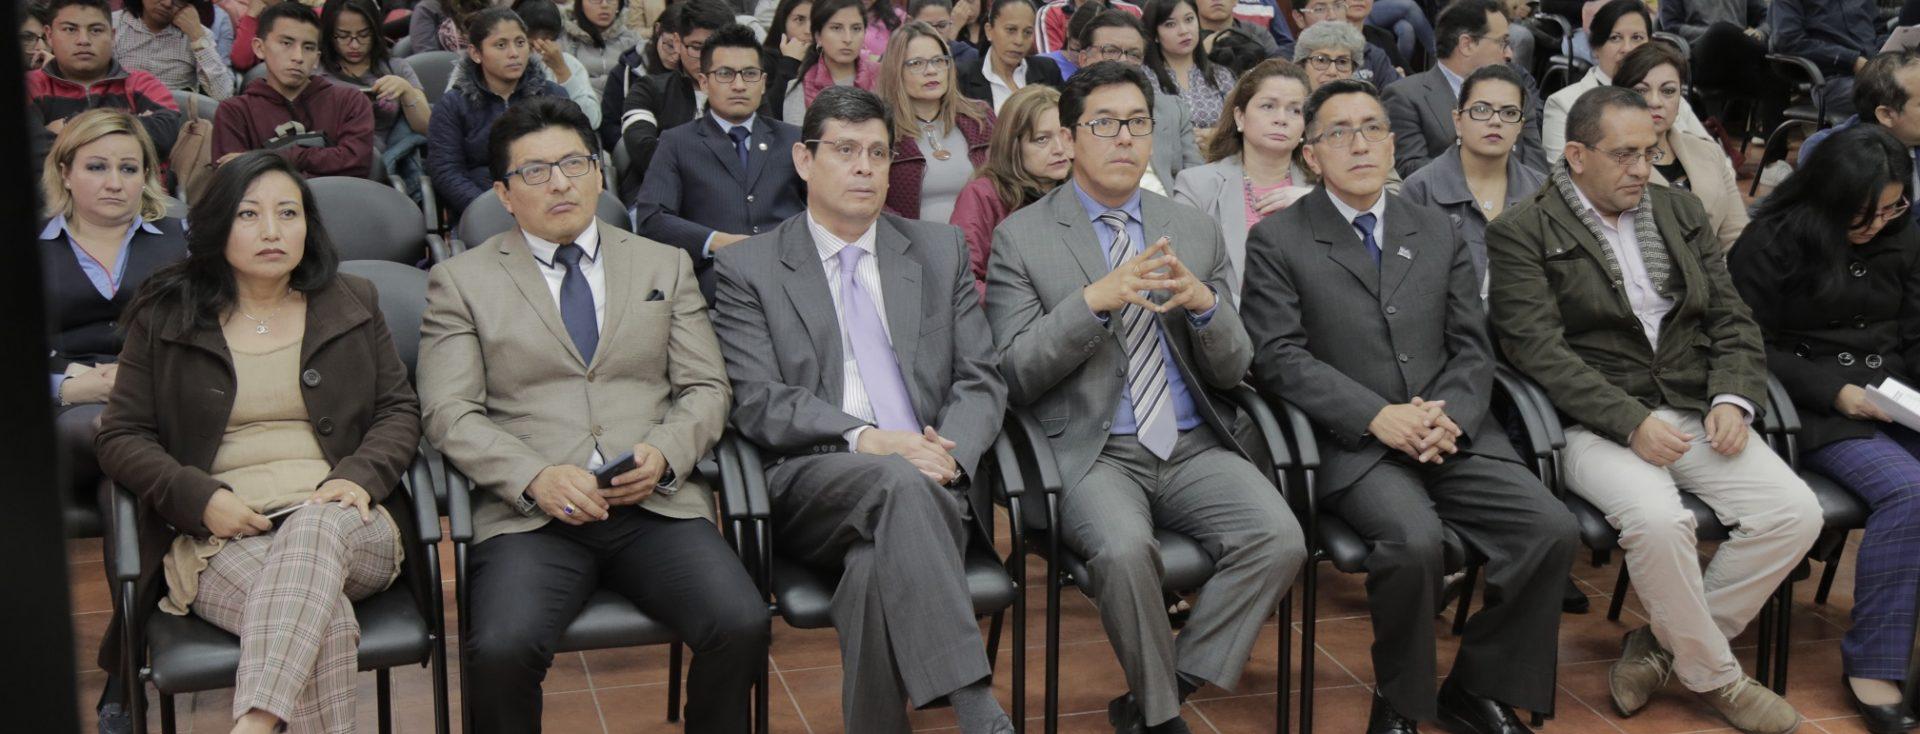 Galardón para la Carrera de Arquitectura de la Unach en Bienal de Quito